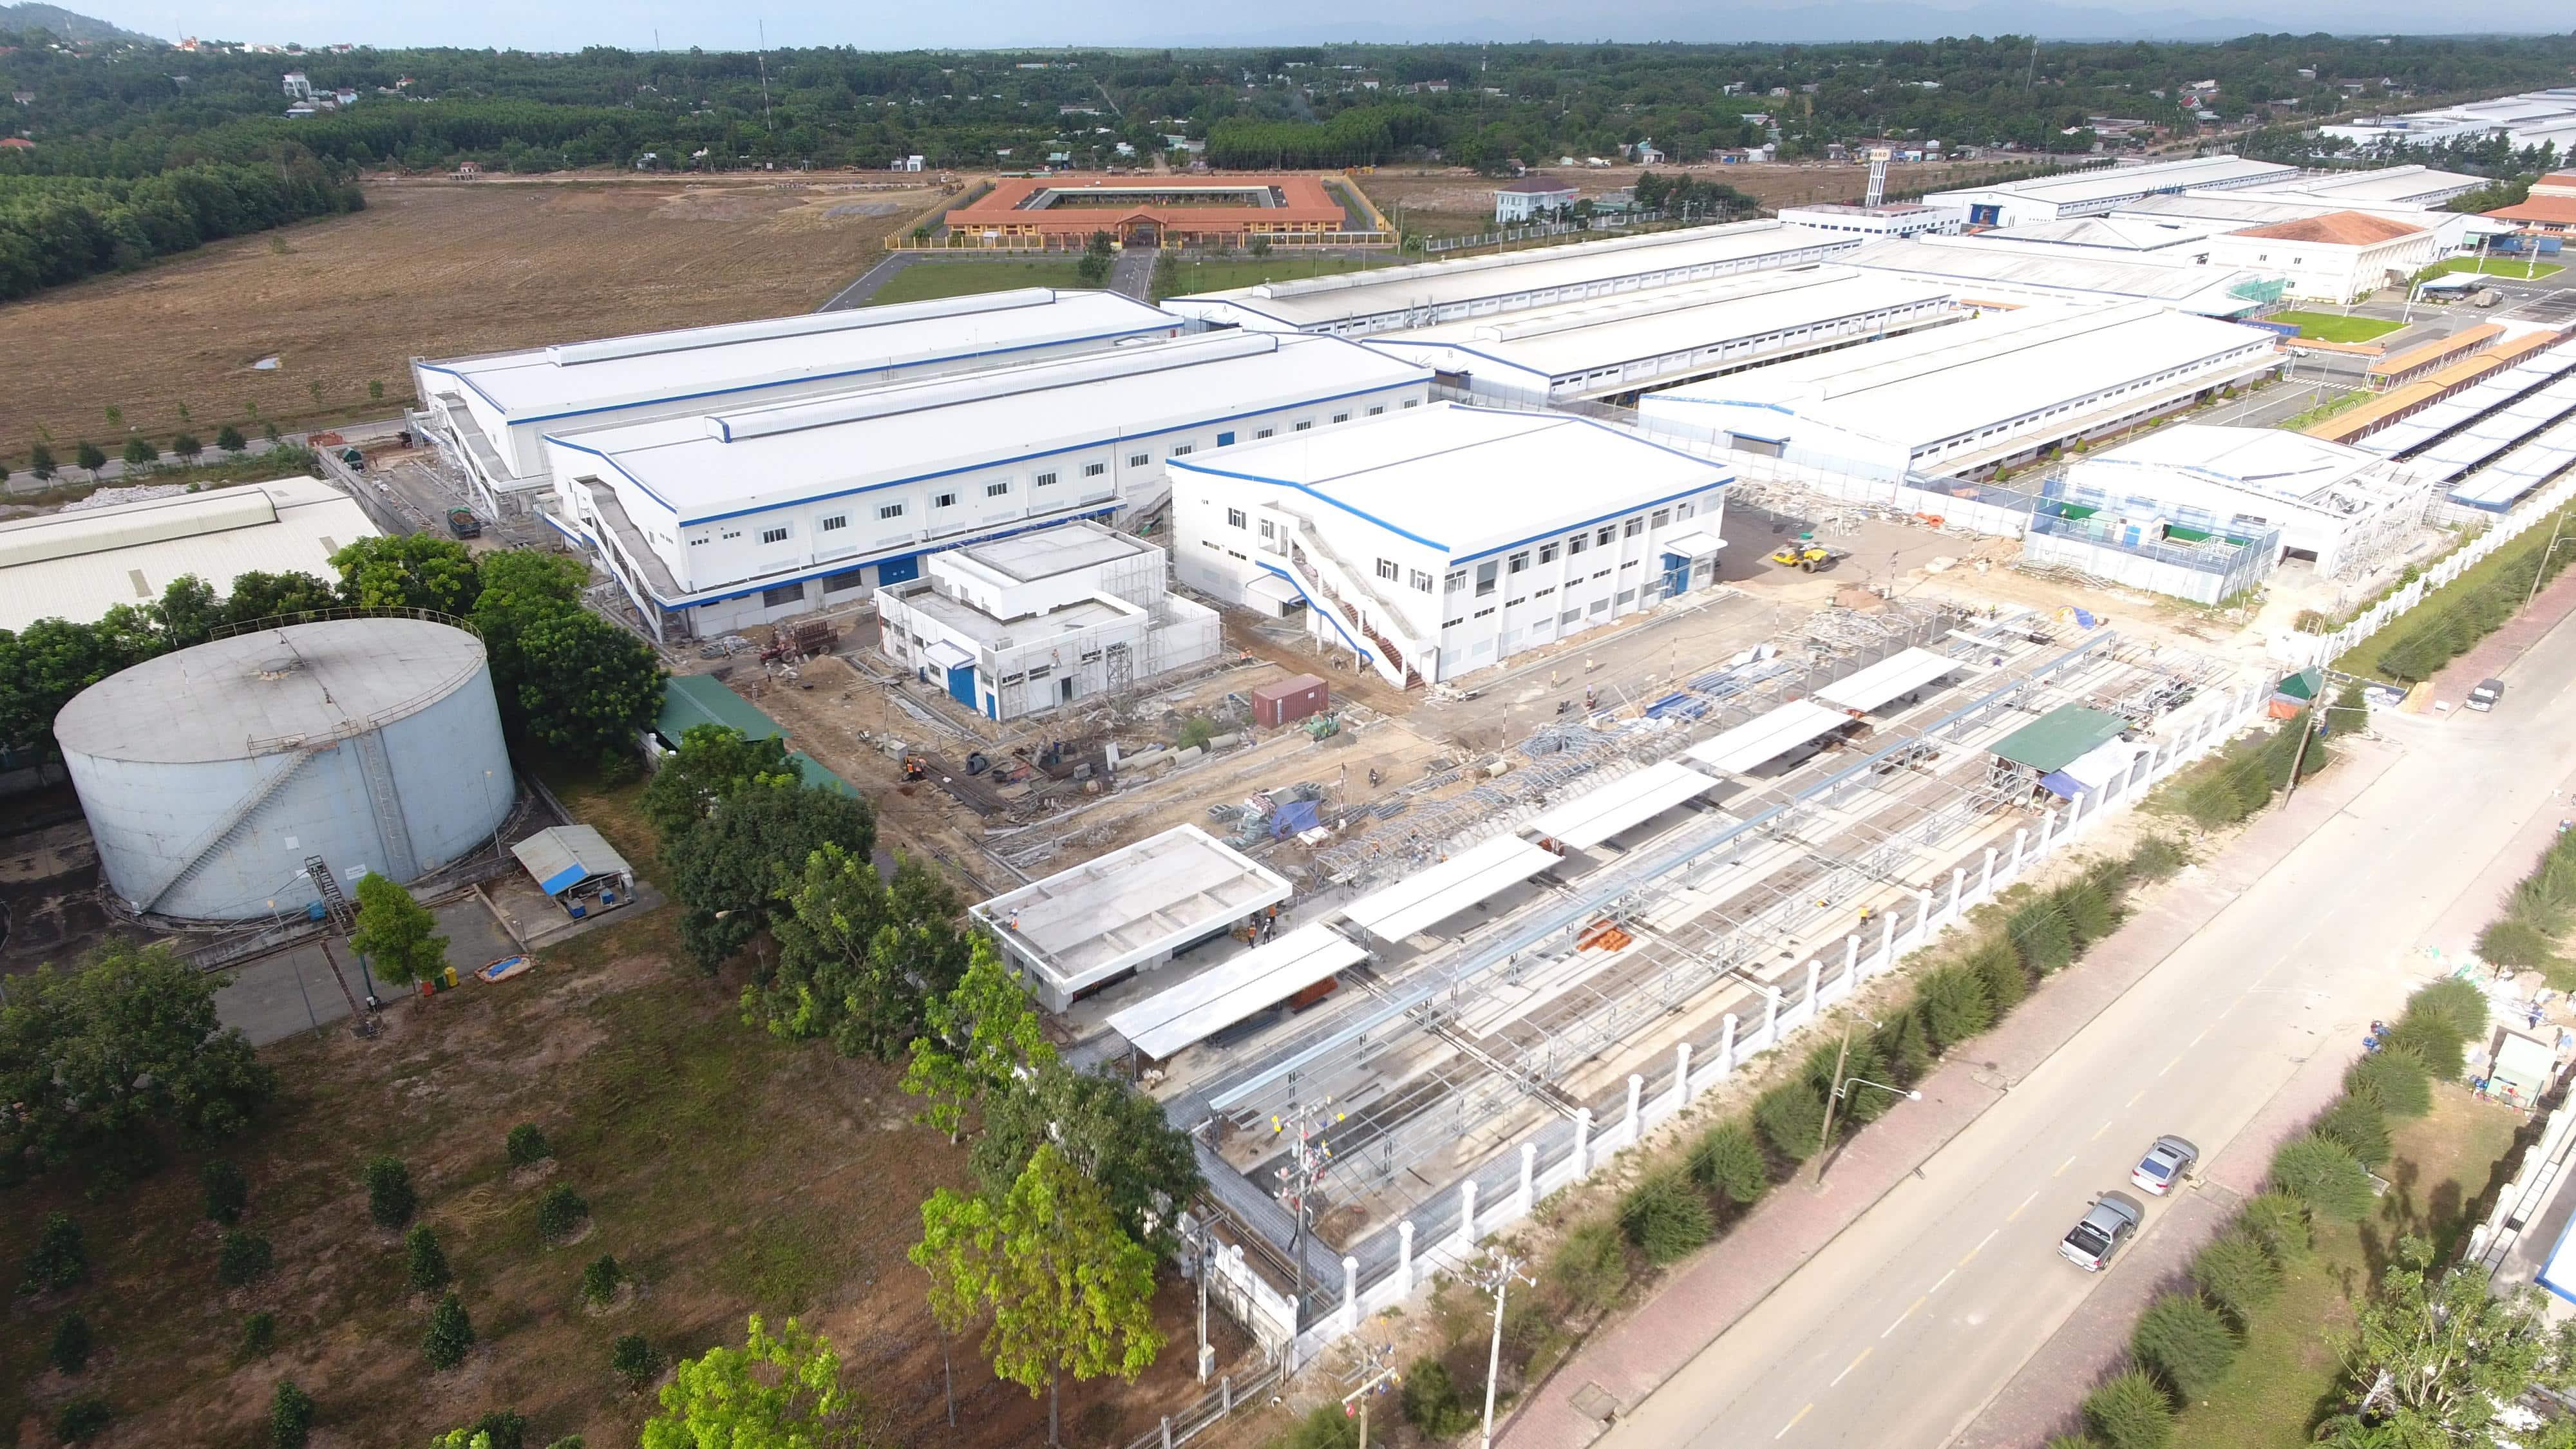 Thiết kế kết cấu thép nhà xưởng dệt may